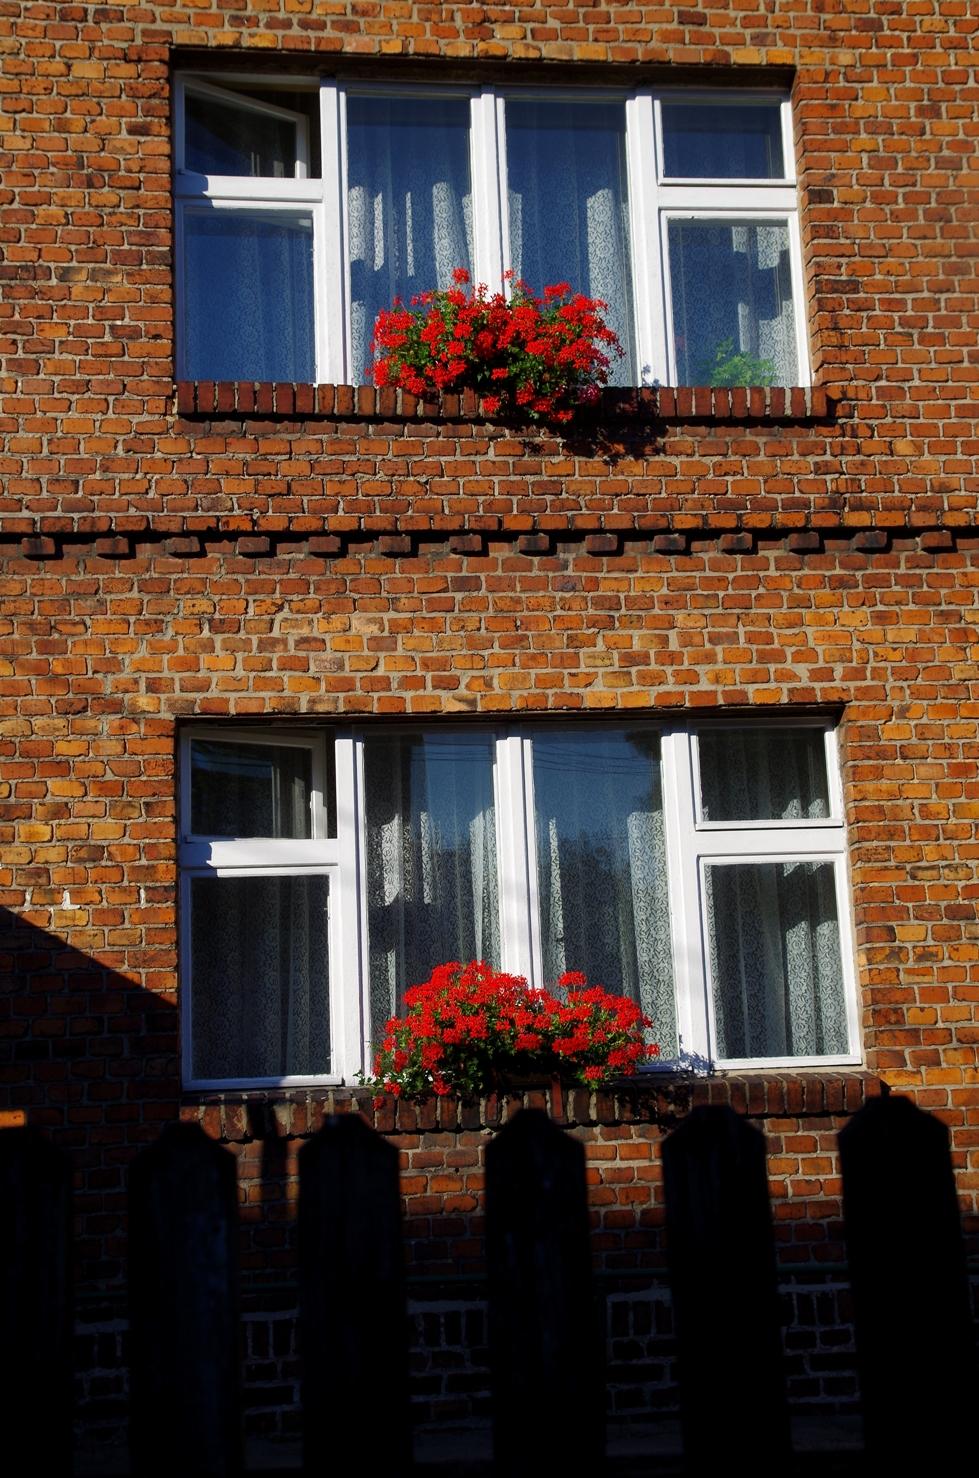 Podlesie i Zarzecze - czemu nie czerwone okna